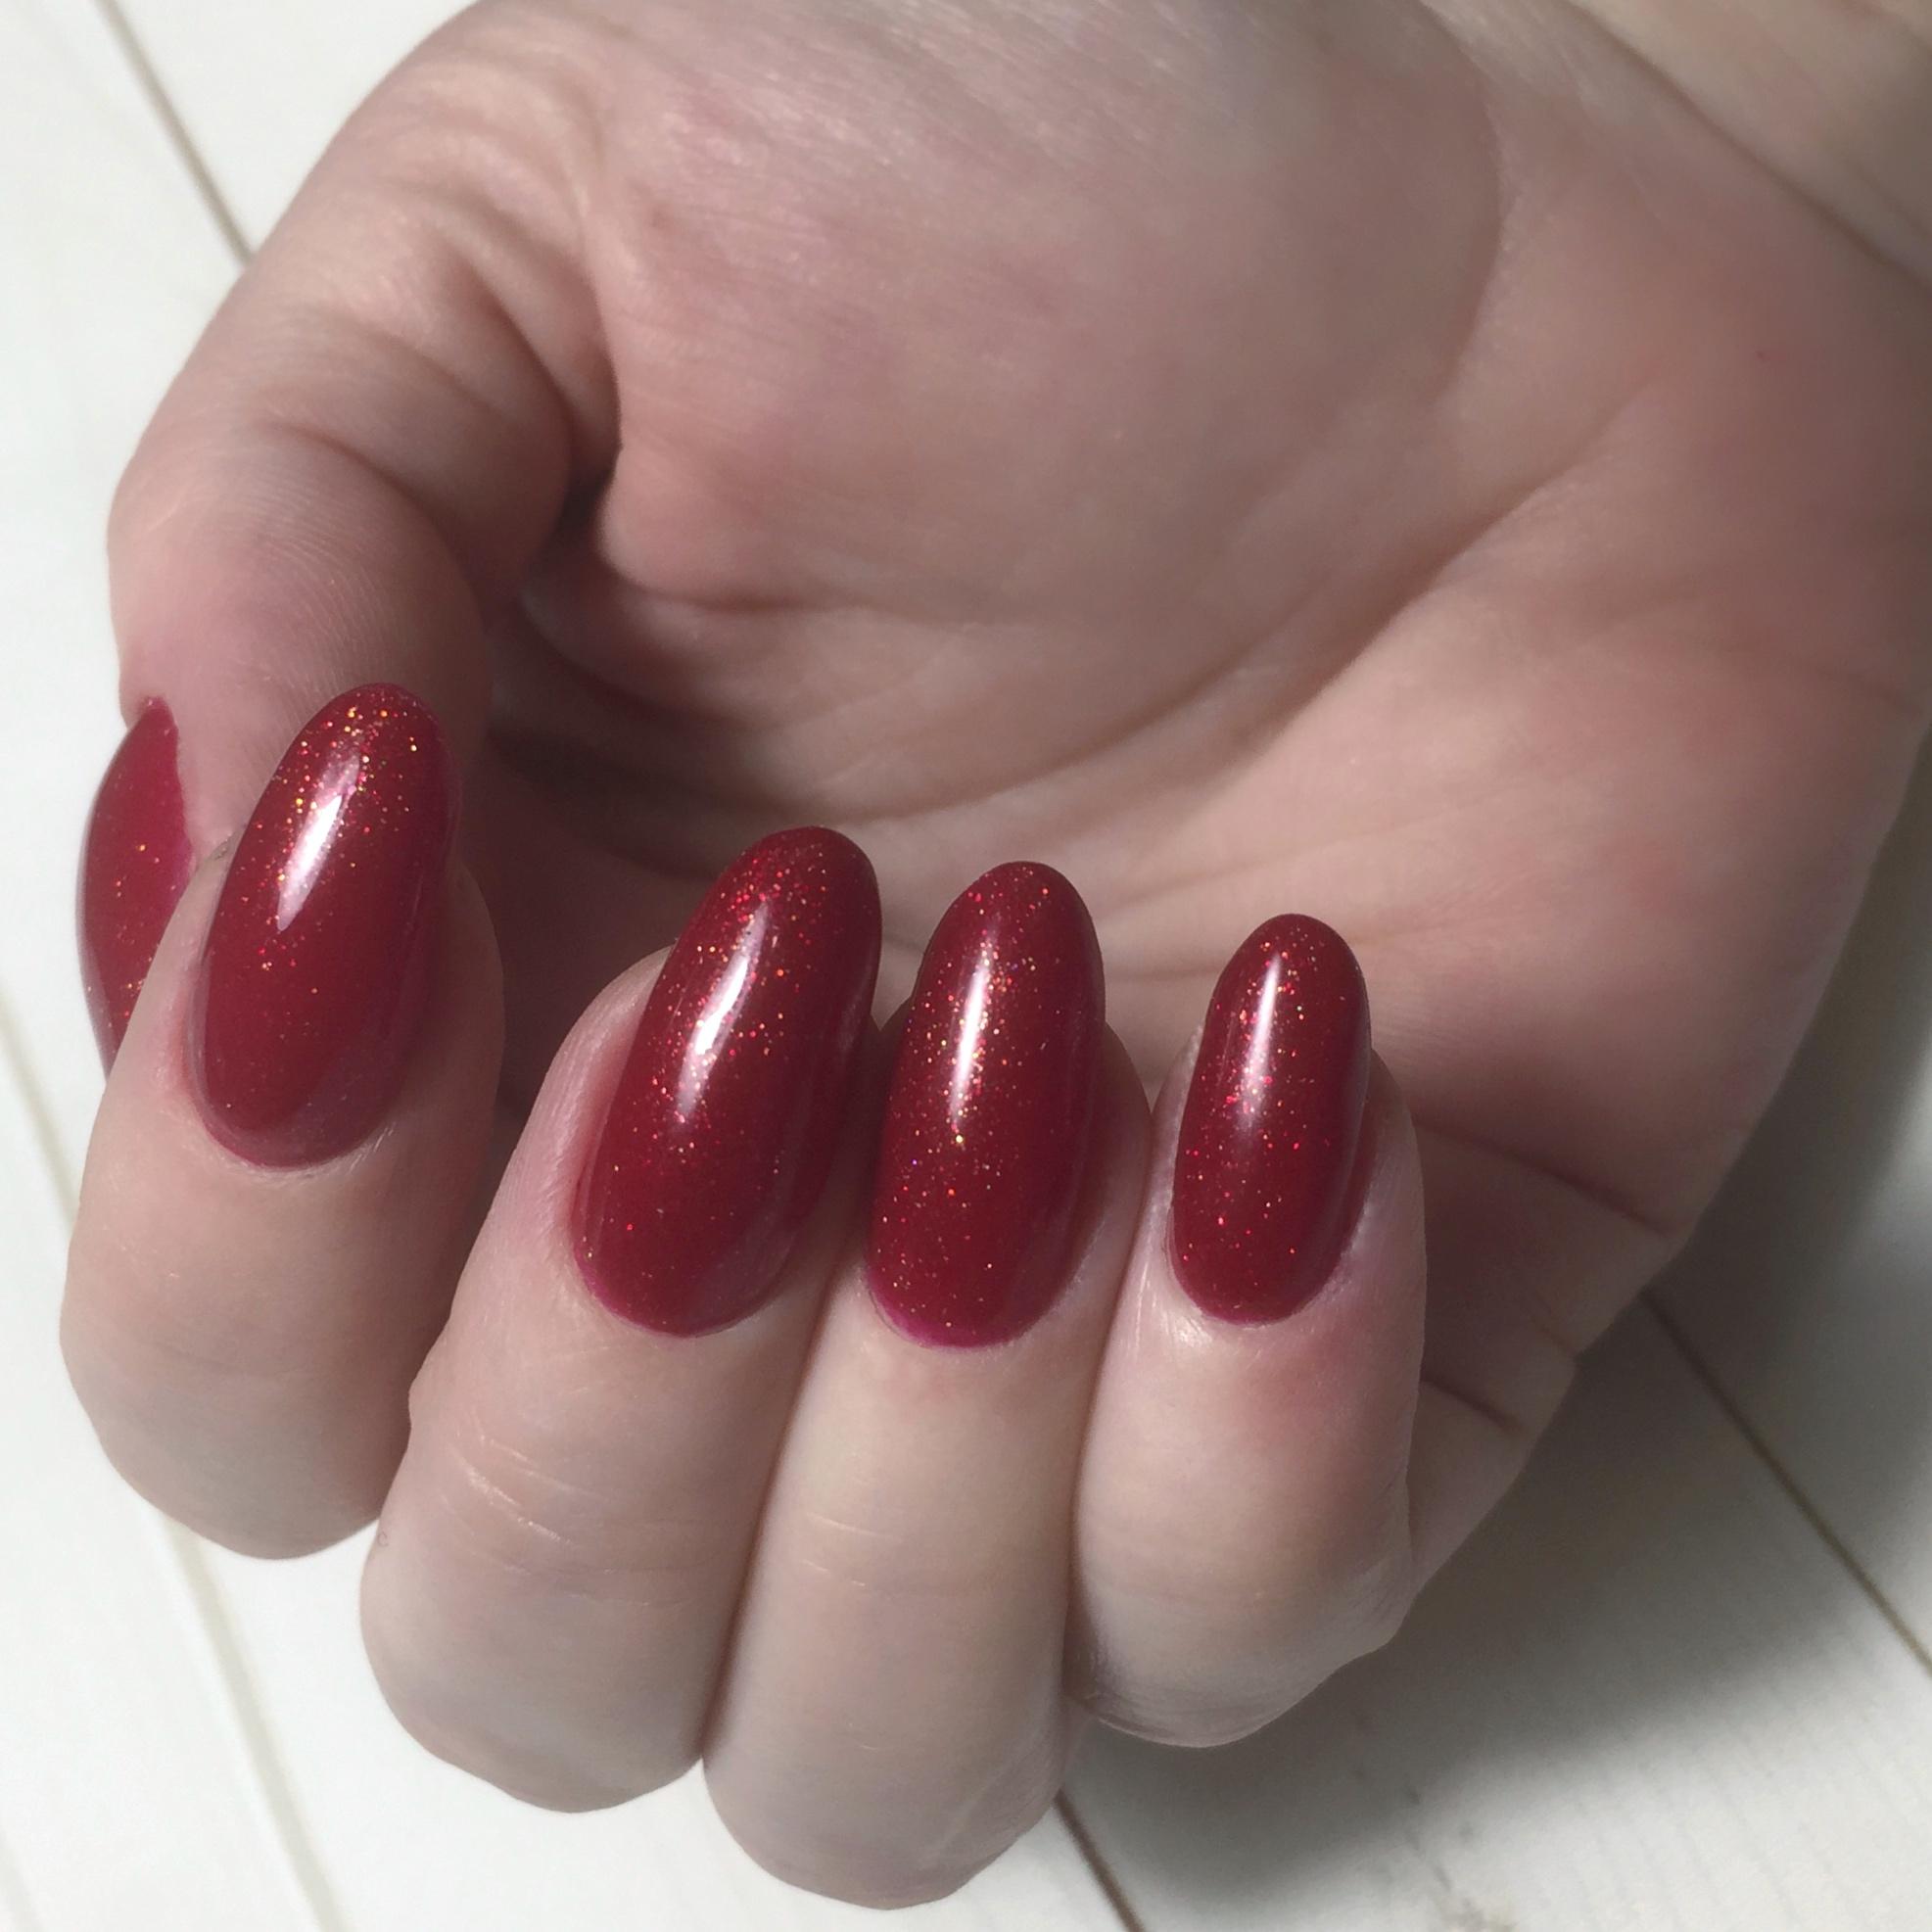 Маникюр с блестками в темно-красном цвете.